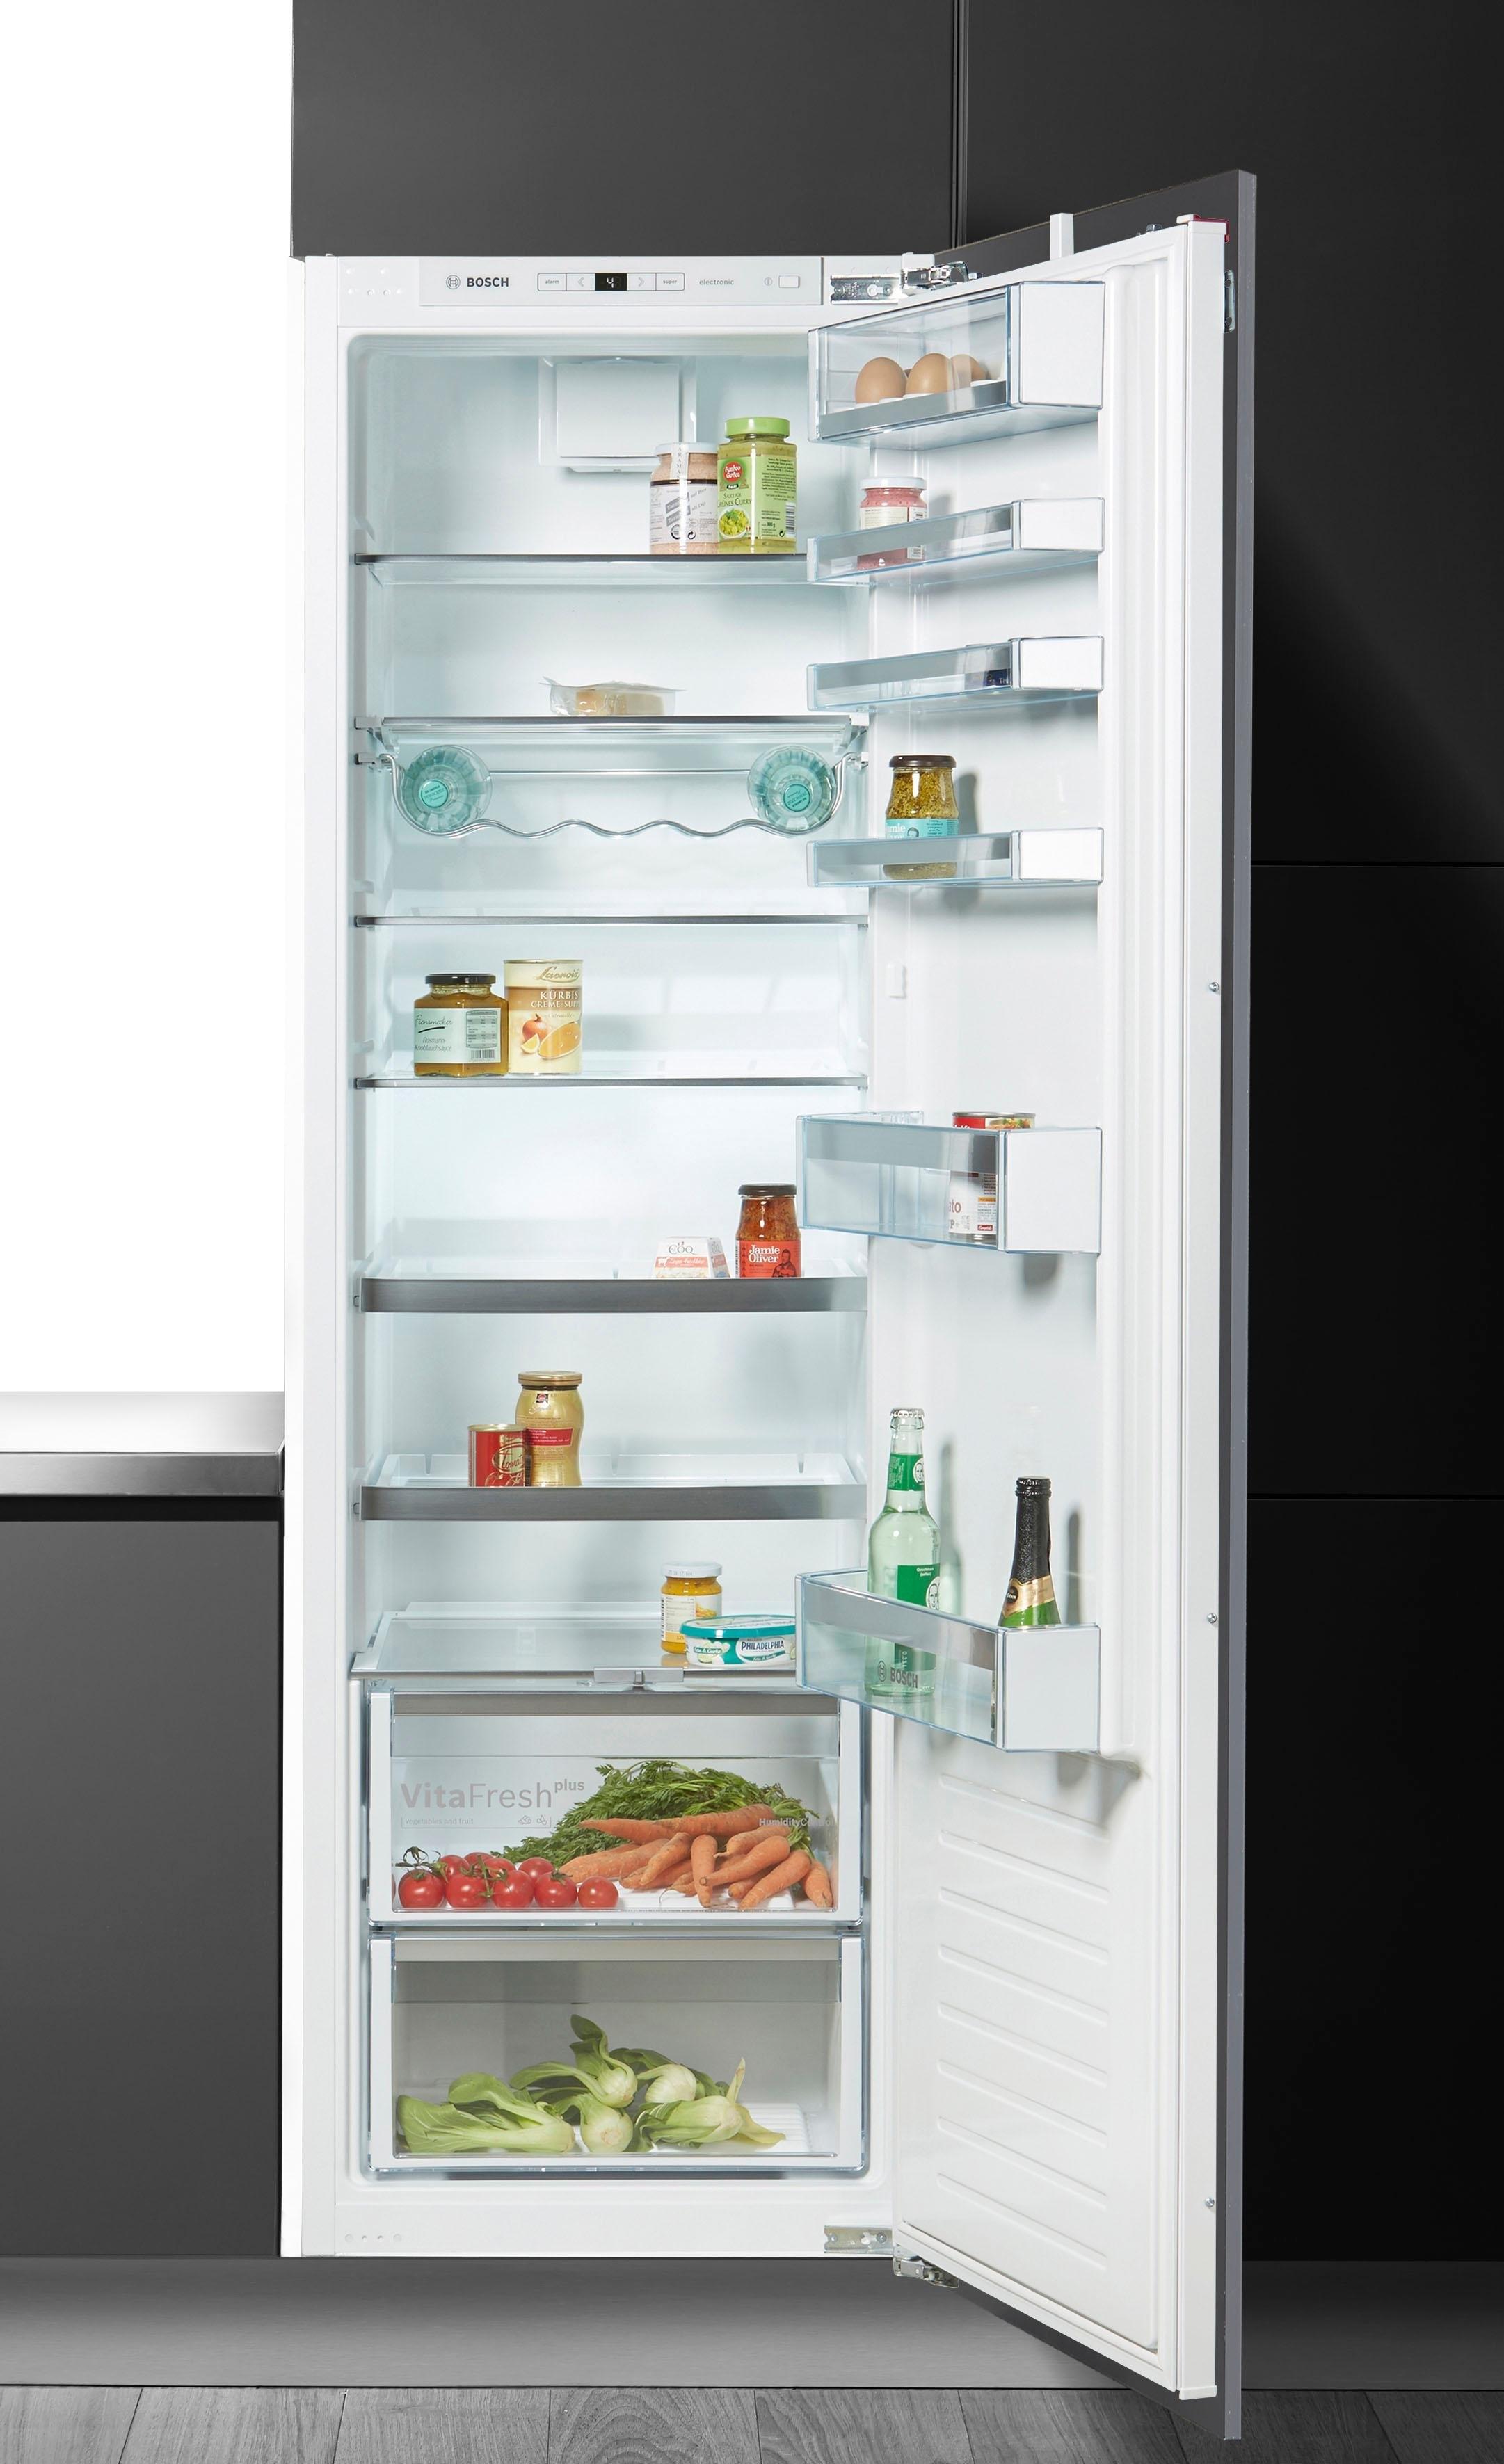 Bosch inbouwkoelkast KIR81AF30, energieklasse A++, 177,5 cm hoog nu online bestellen